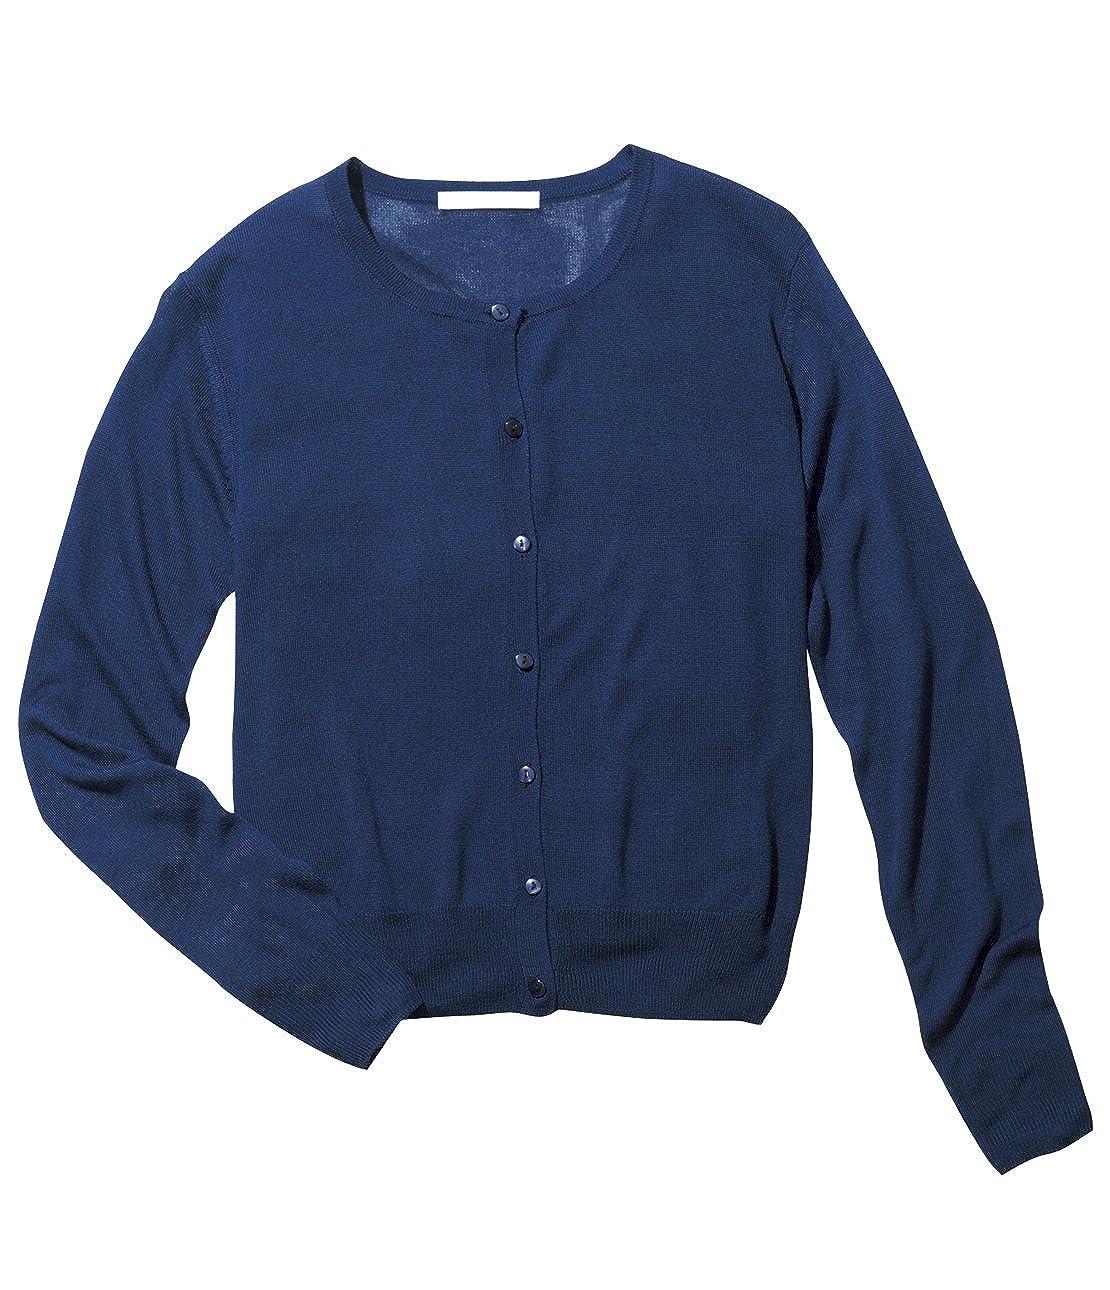 Amazon.co.jp: (ピーチ・ジョン)PEACH JOHN UVケアクールシアーカーデ: 服&ファッション小物通販